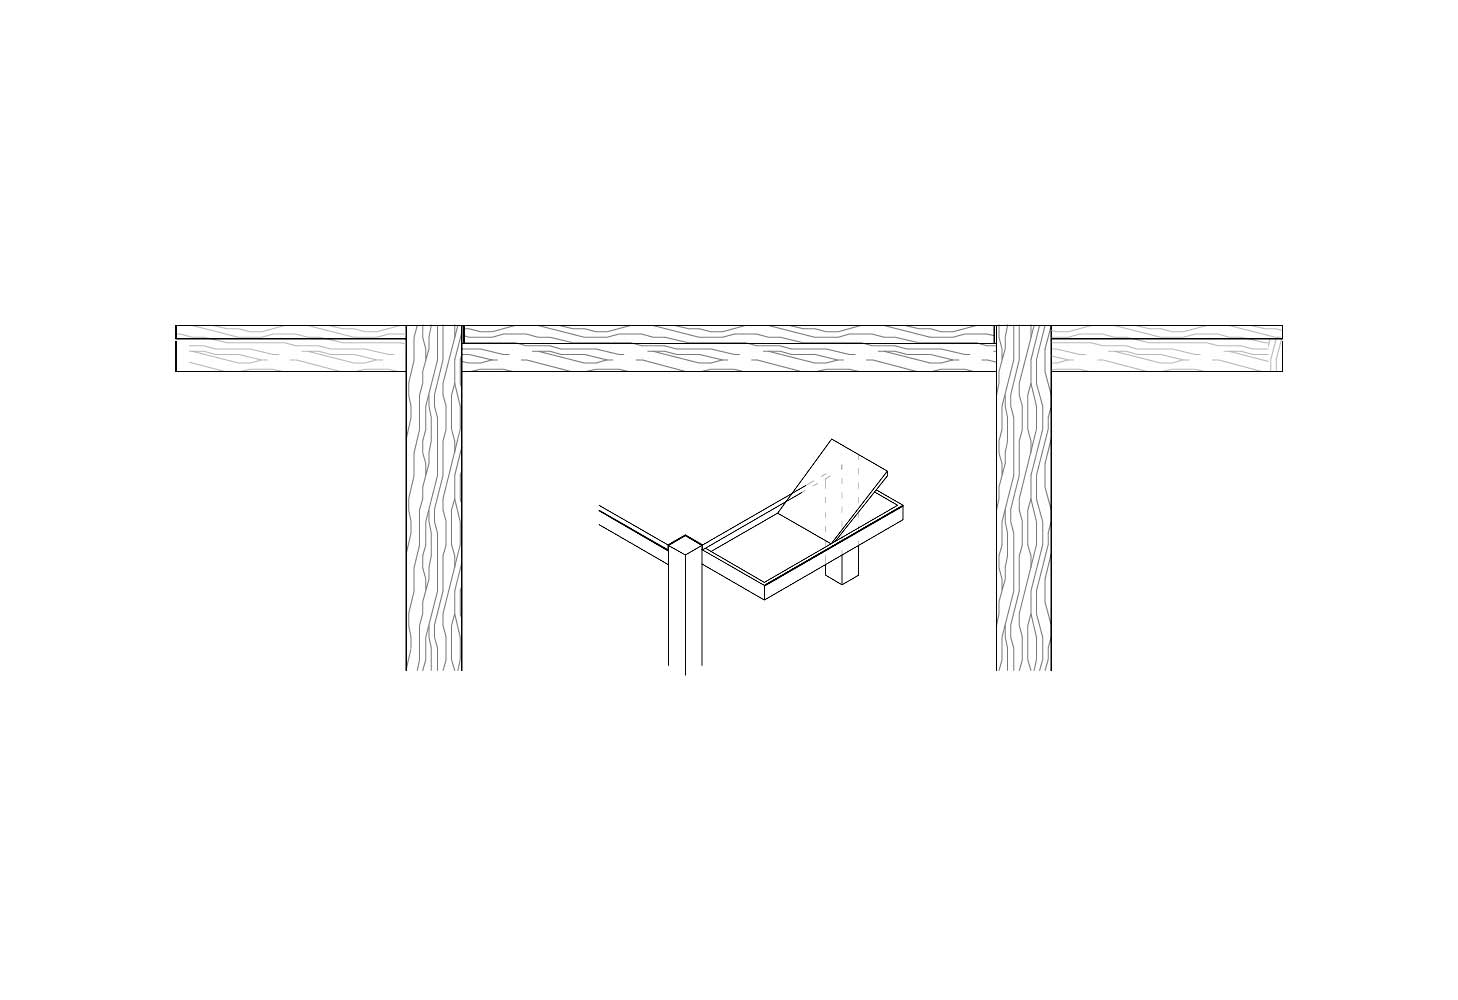 tavolo-quadrato-prolunghescomparsa-disegno